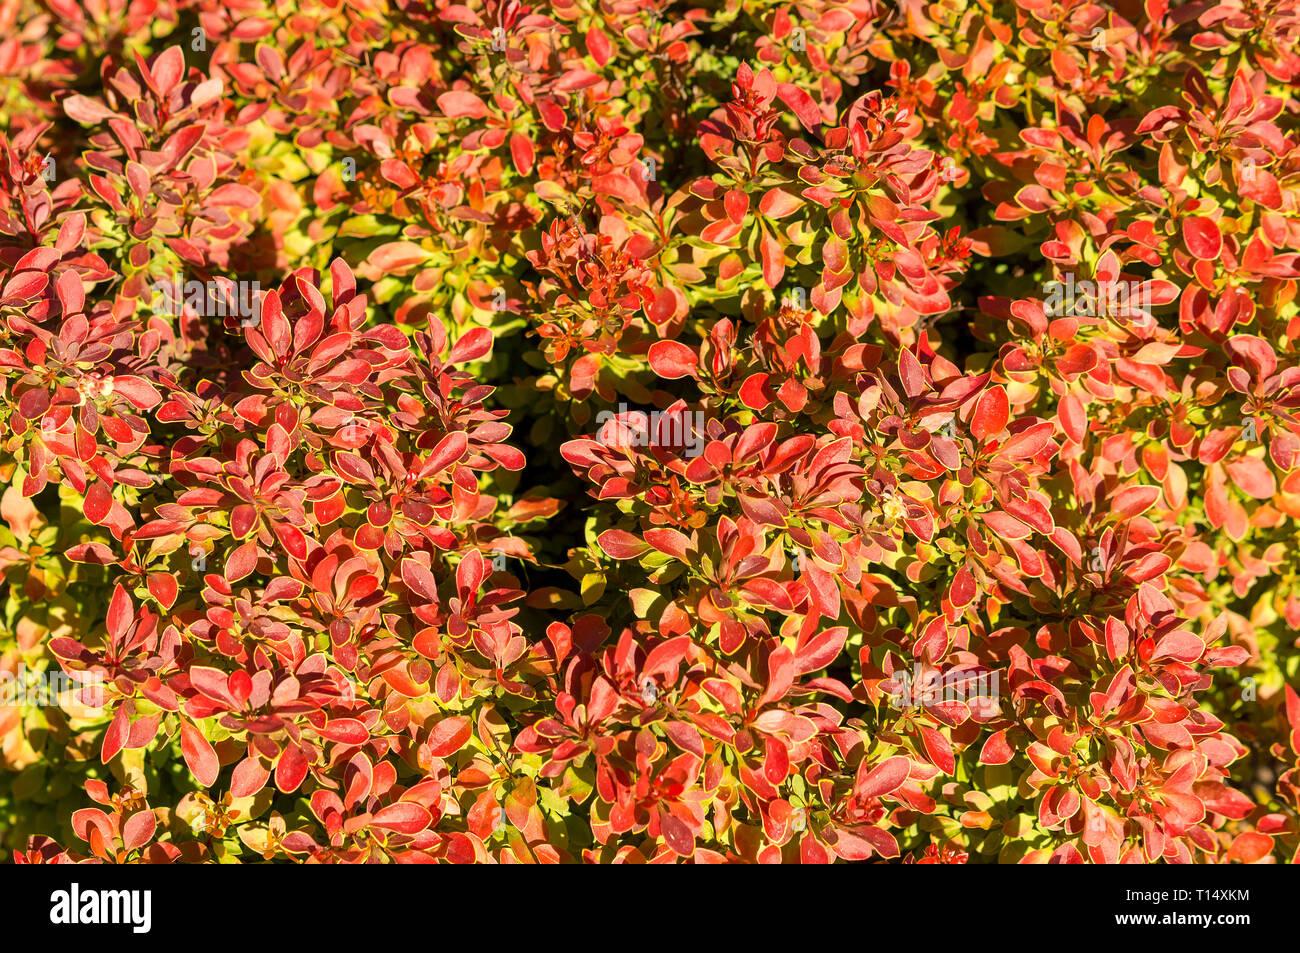 Berberis Thunbergii Flower Stock Photos Berberis Thunbergii